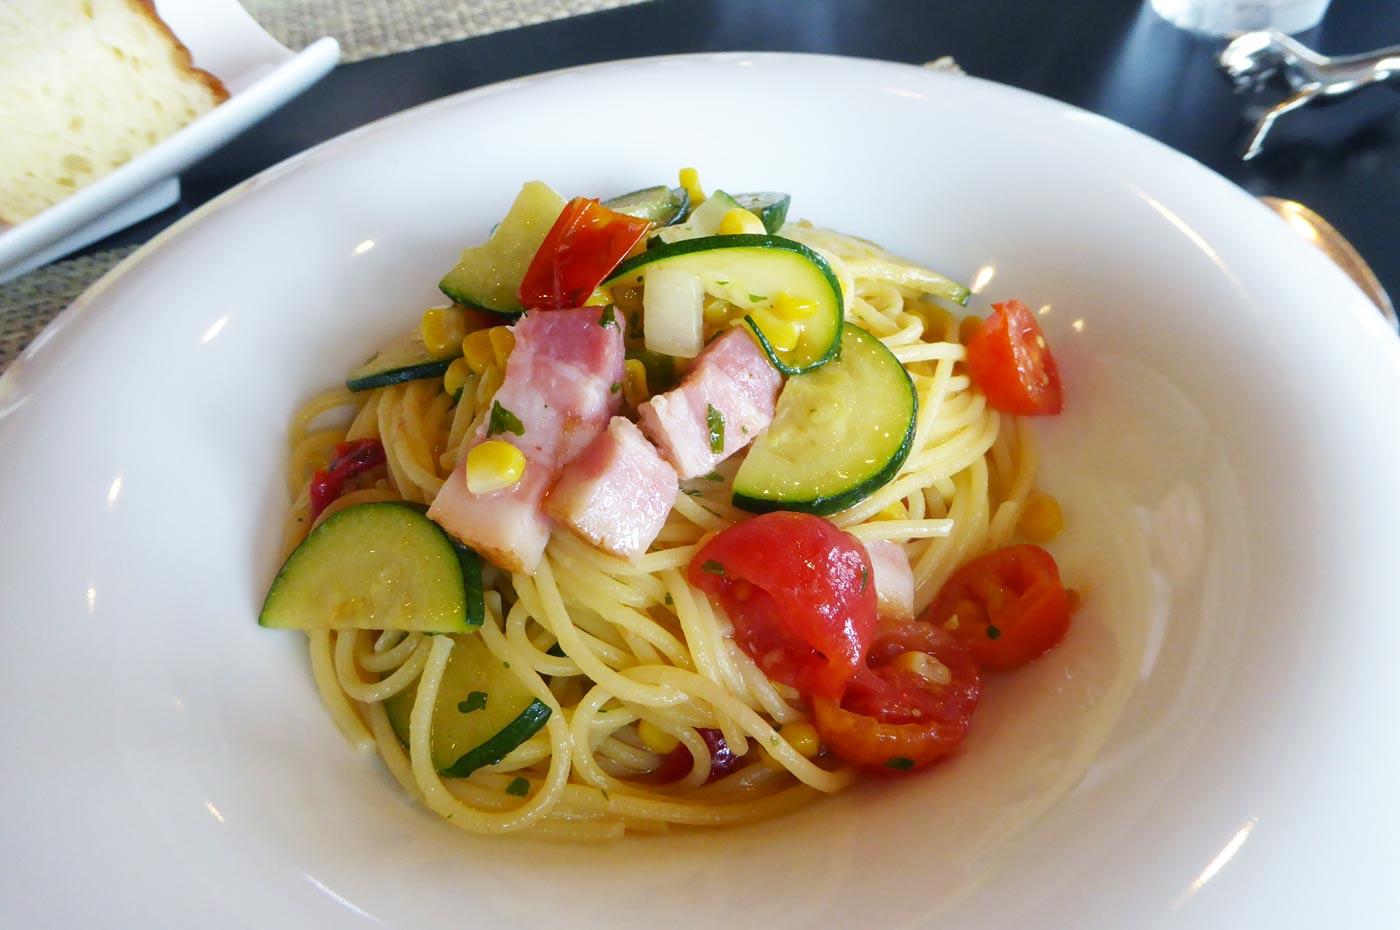 ベーコンと夏野菜のオイルソーススパゲティー